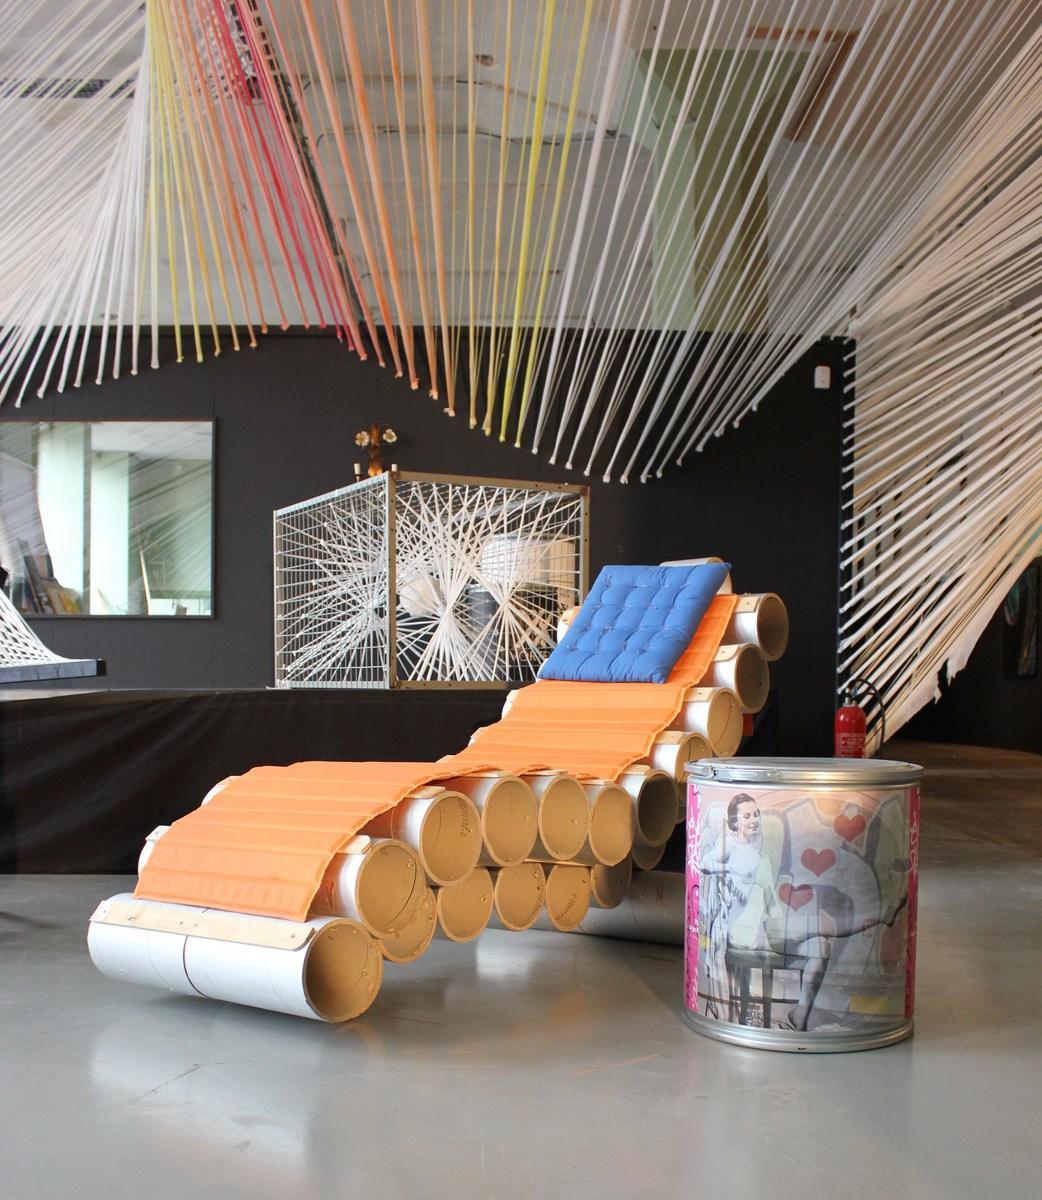 Vortex-inside atelier 04 [1600x1200]